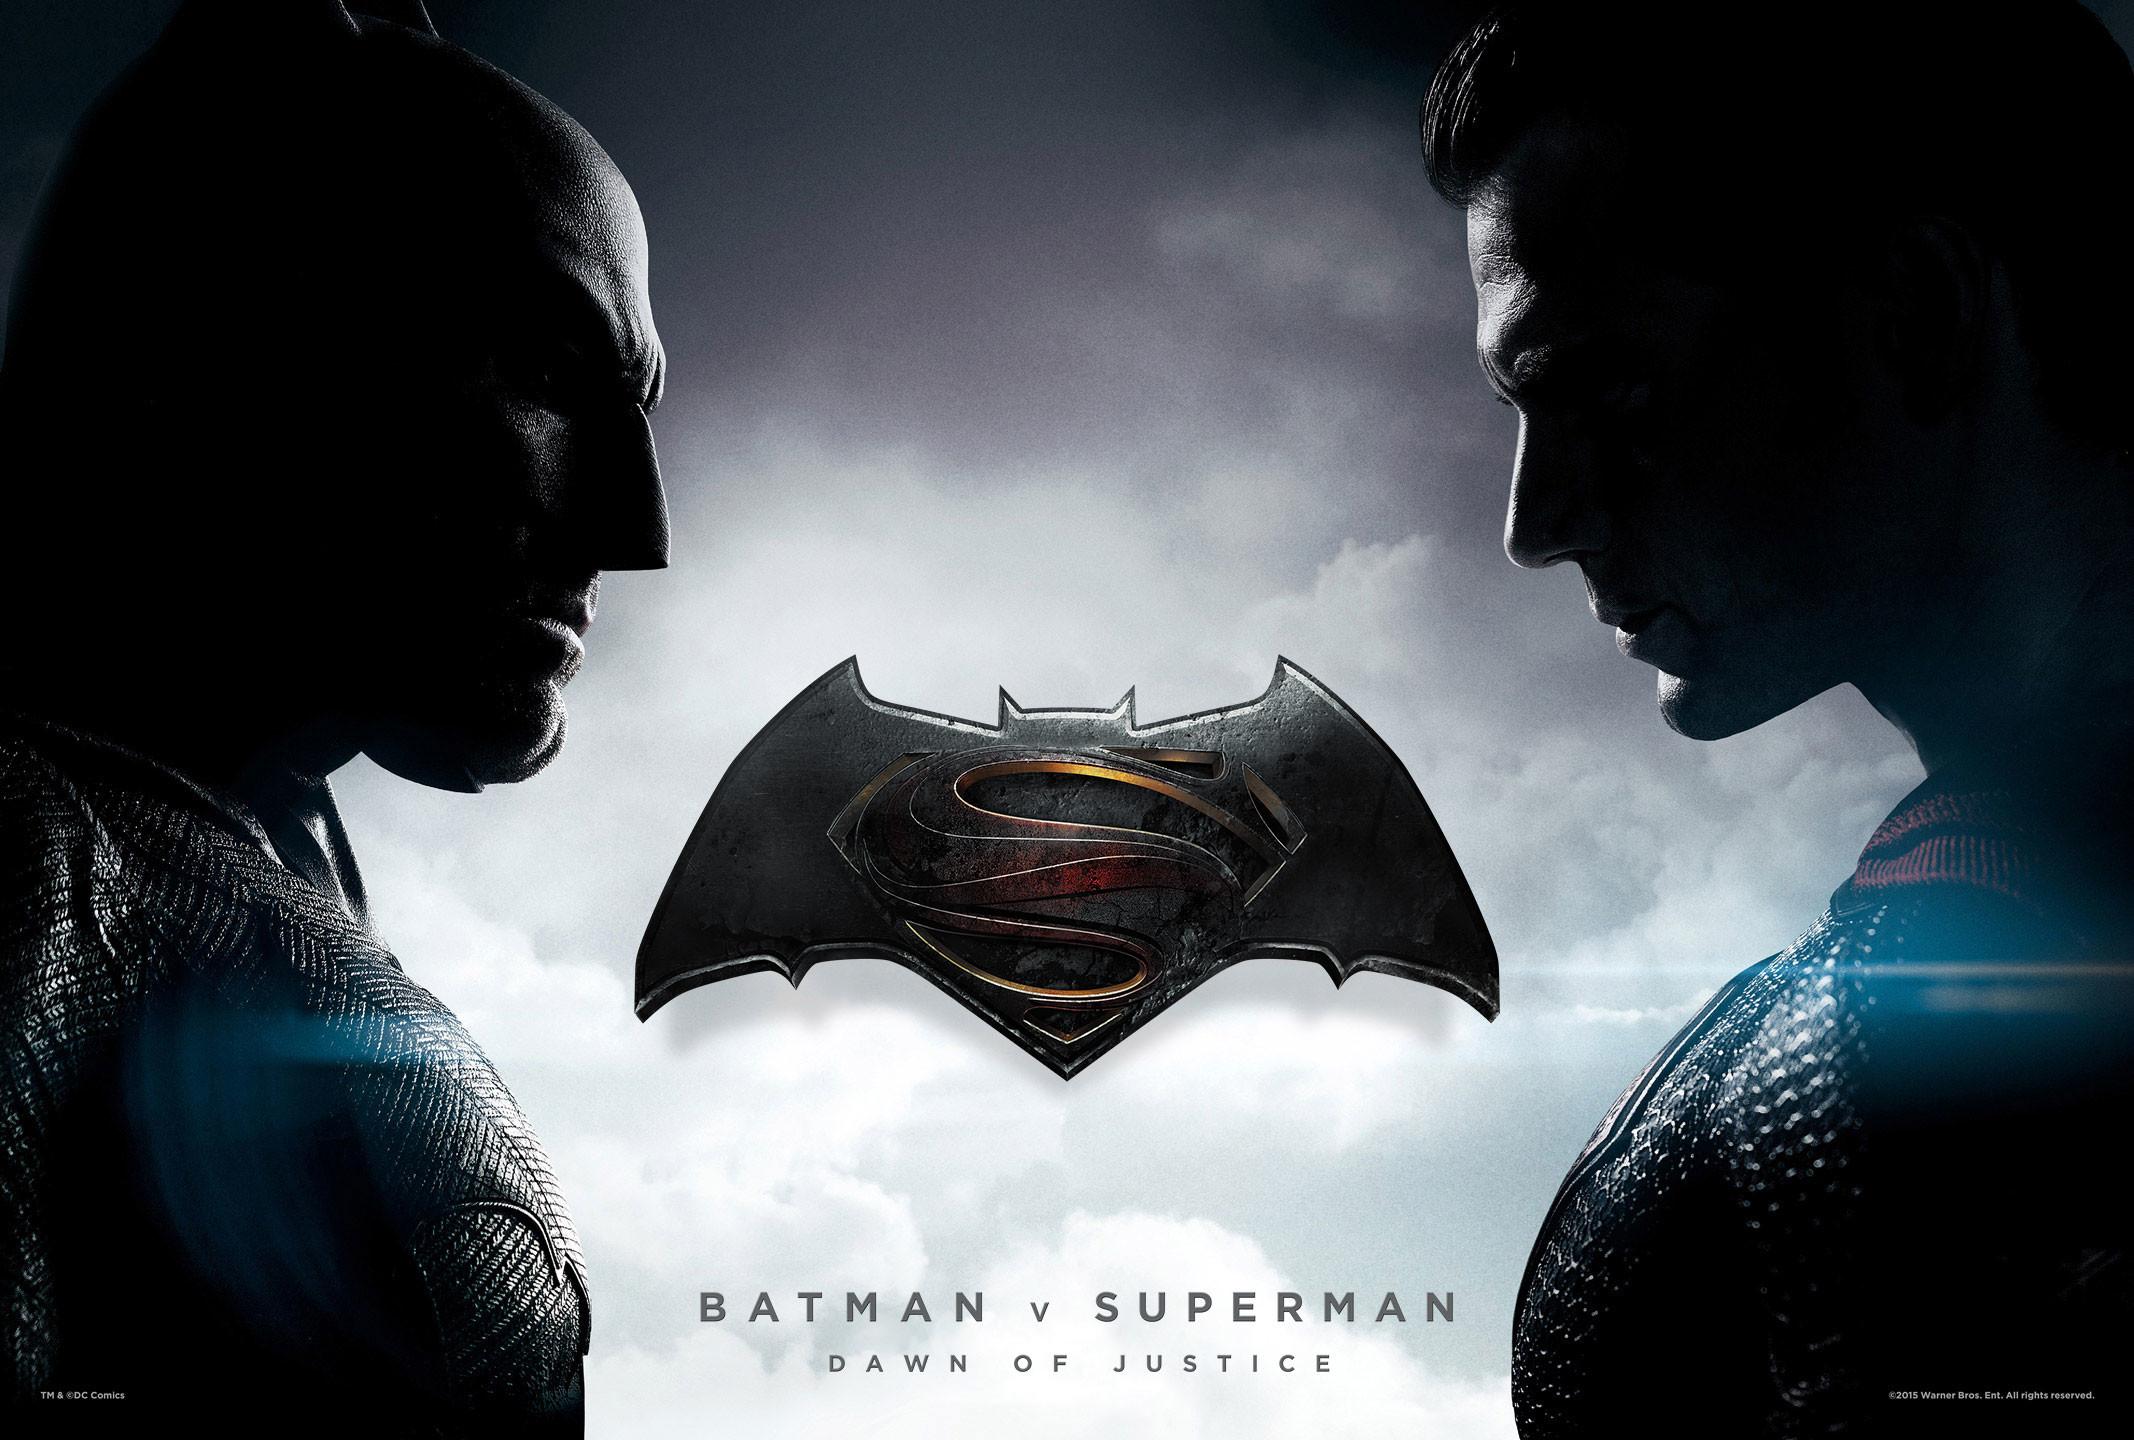 Batman vs Superman: Dawn of Justice Official Wallpaper HD